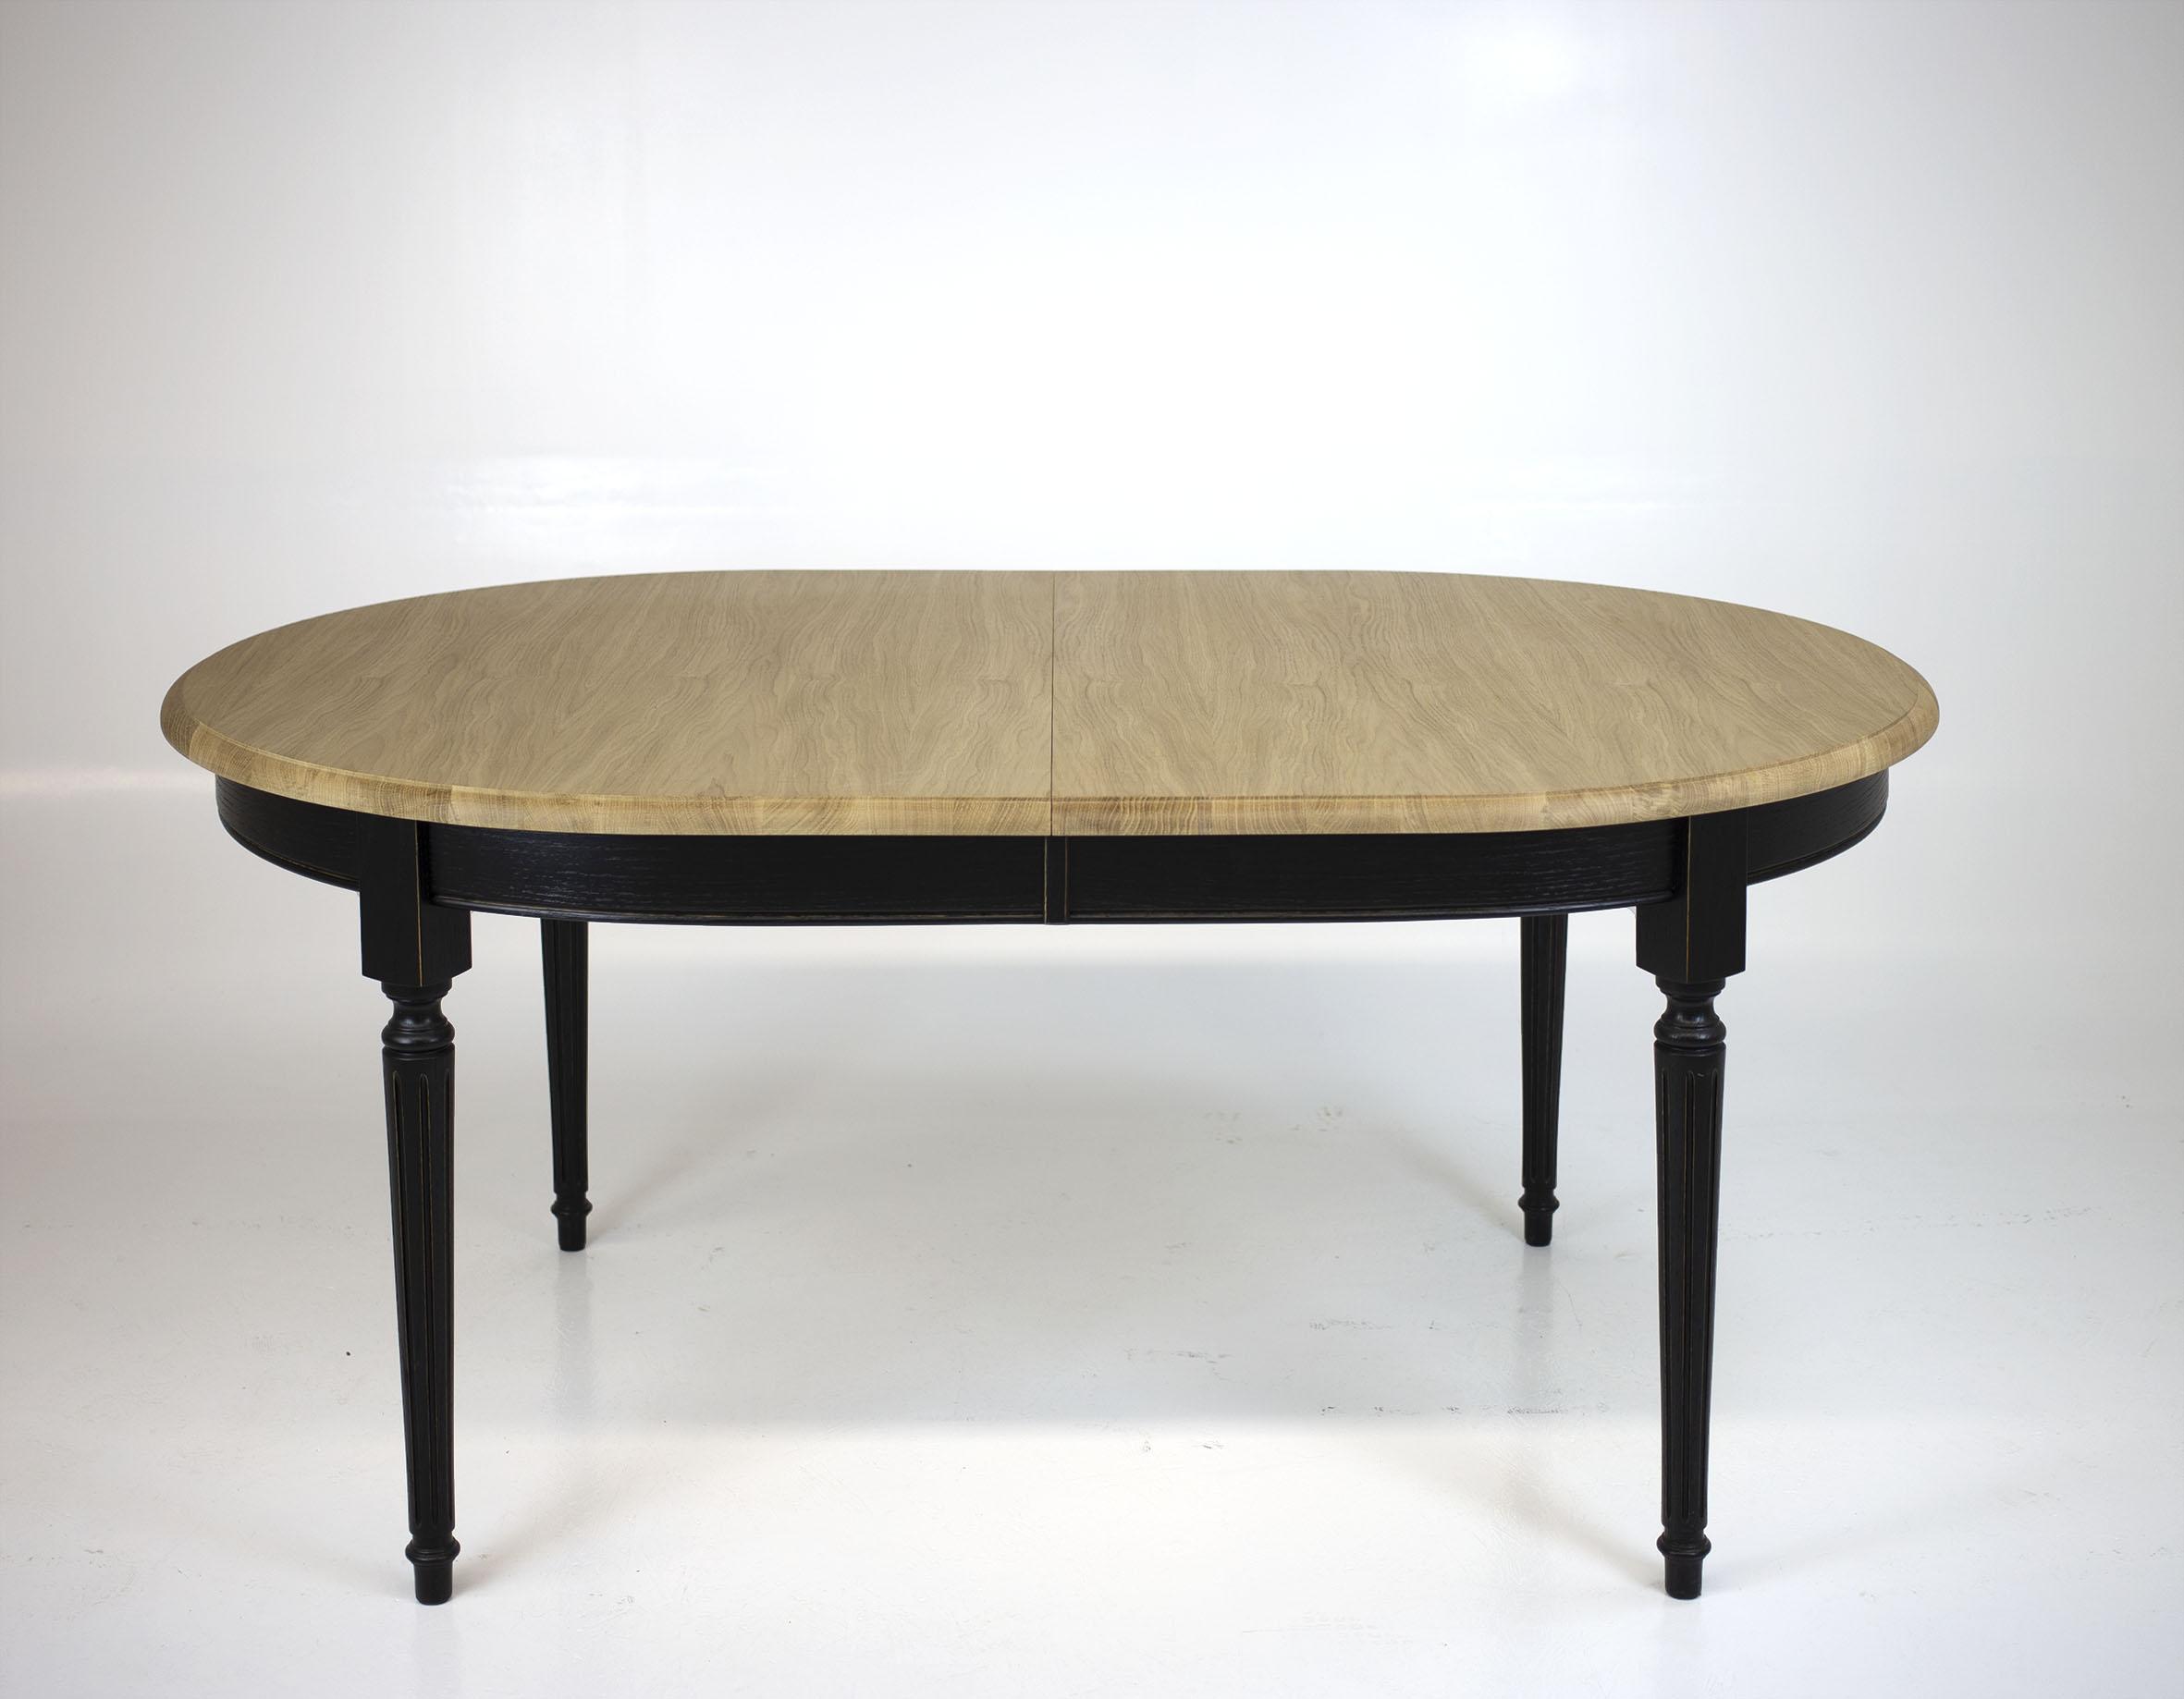 Table ovale 170*110 Mona  en Chêne Massif de style Louis XVI 3 allonges de 40 cm Finition Chêne Brossé SEULEMENT 1 DISPONIBLE